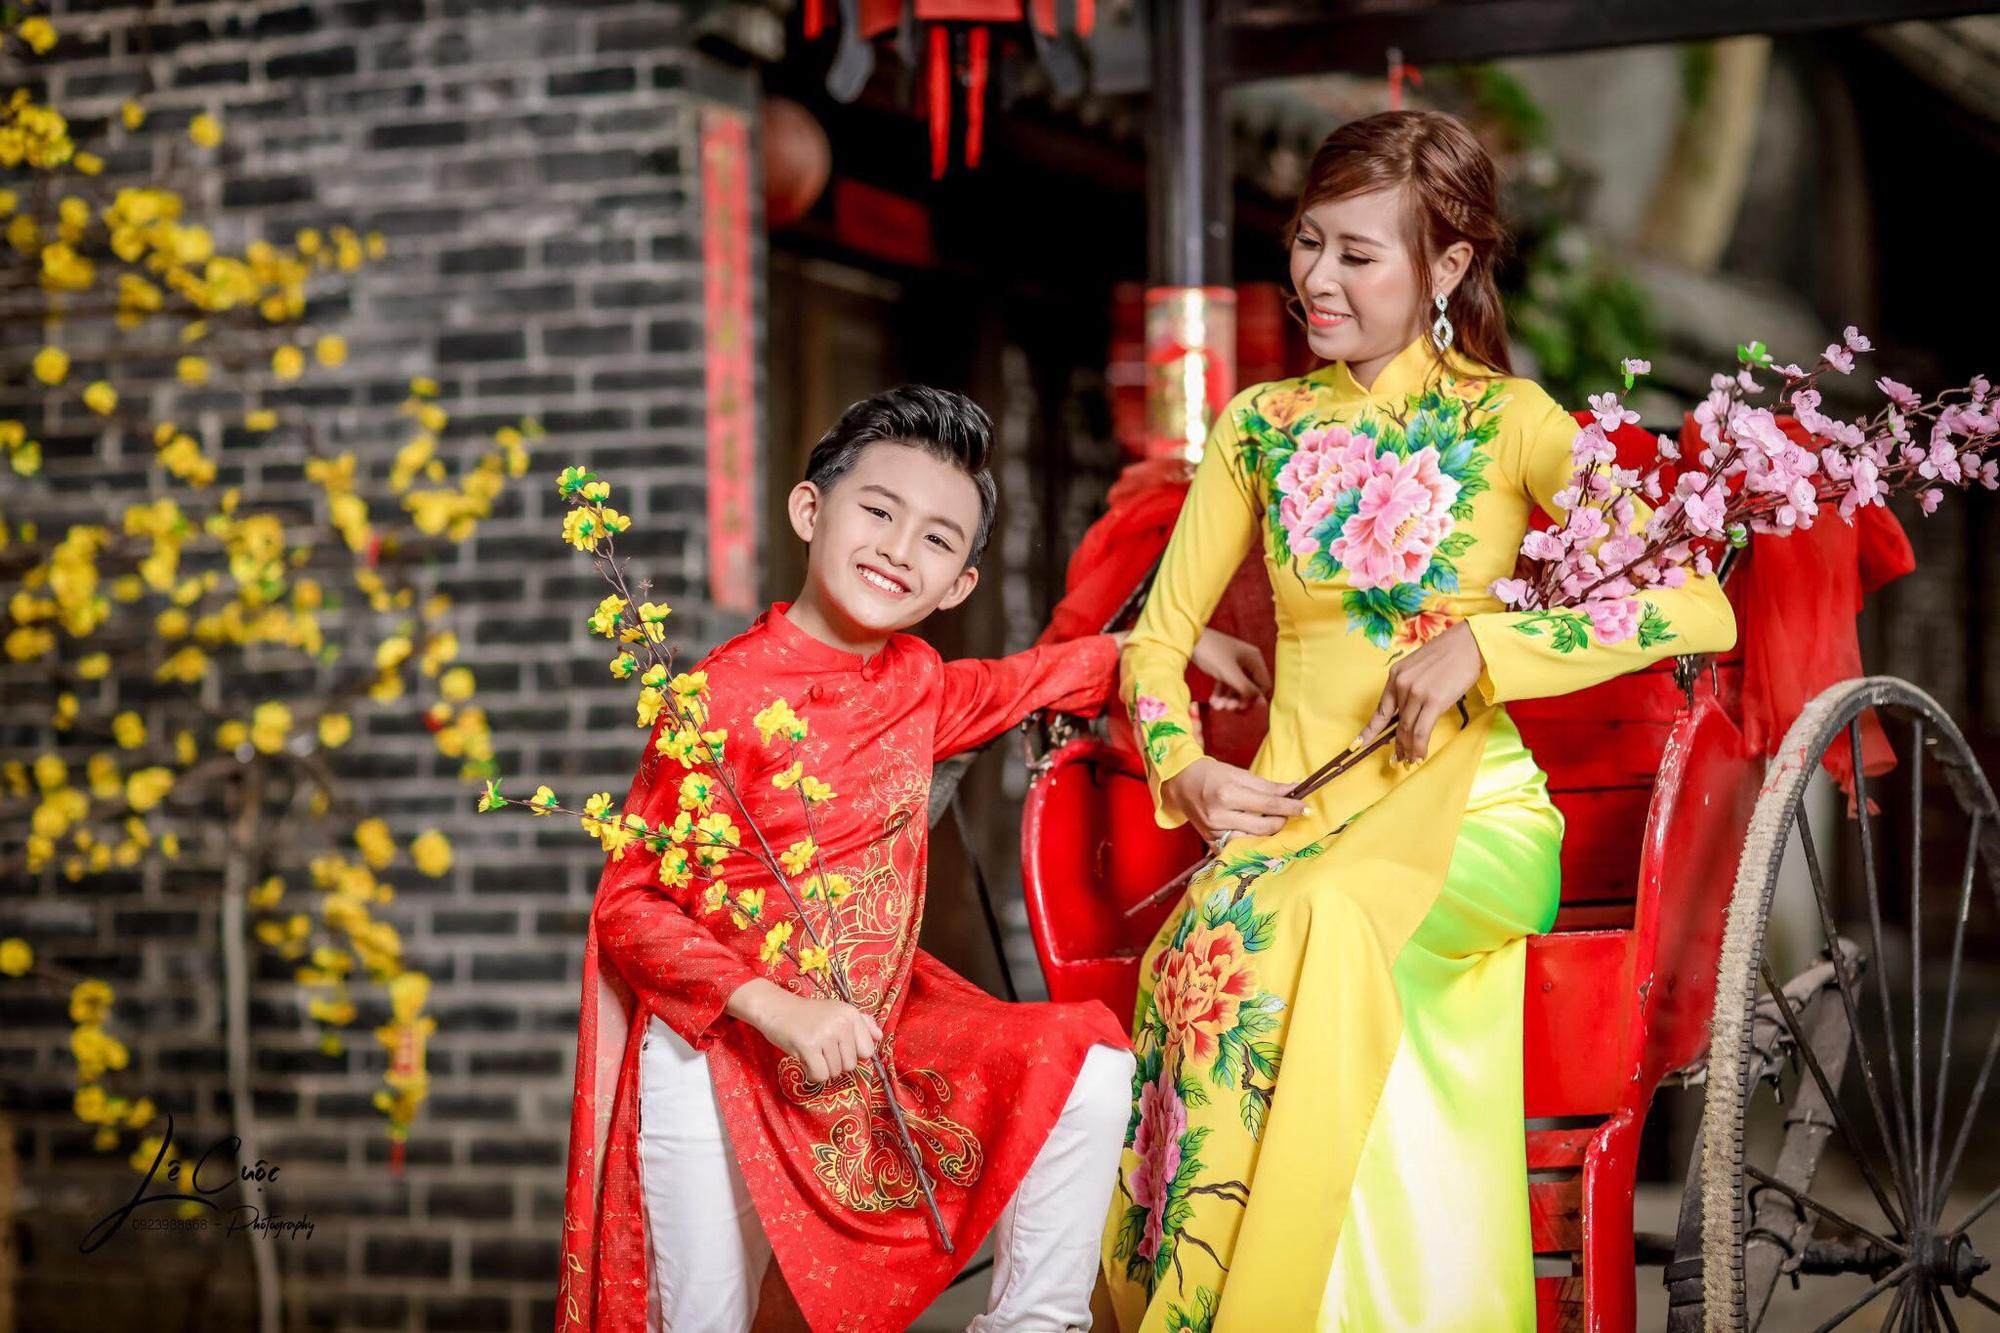 """Hai mẹ con """"Hoàng tử thời trang"""" Quốc Vũ gây sốt trong loạt ảnh mới - Ảnh 2."""